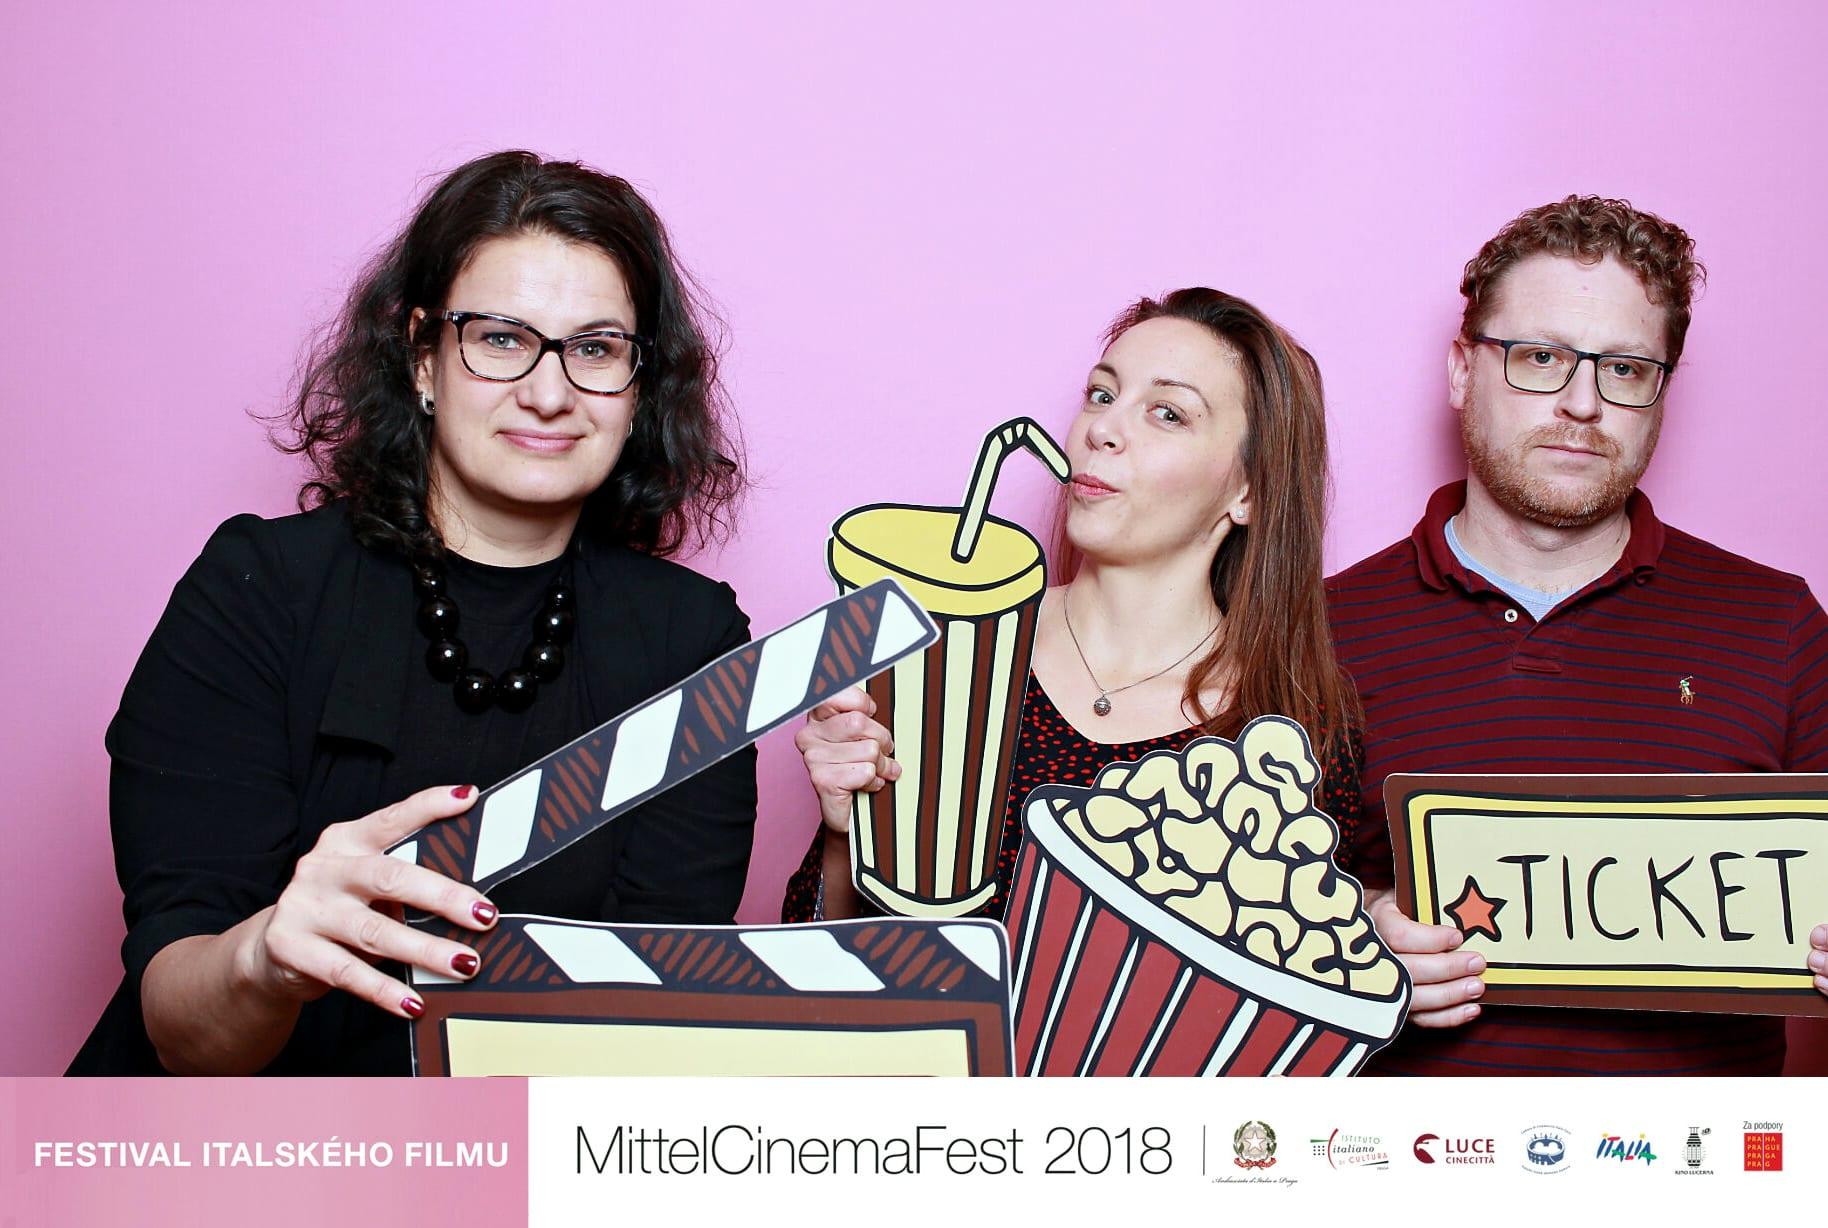 fotokoutek-festival-jihlava-mittelcinemafest-2018-29-11-2018-528272